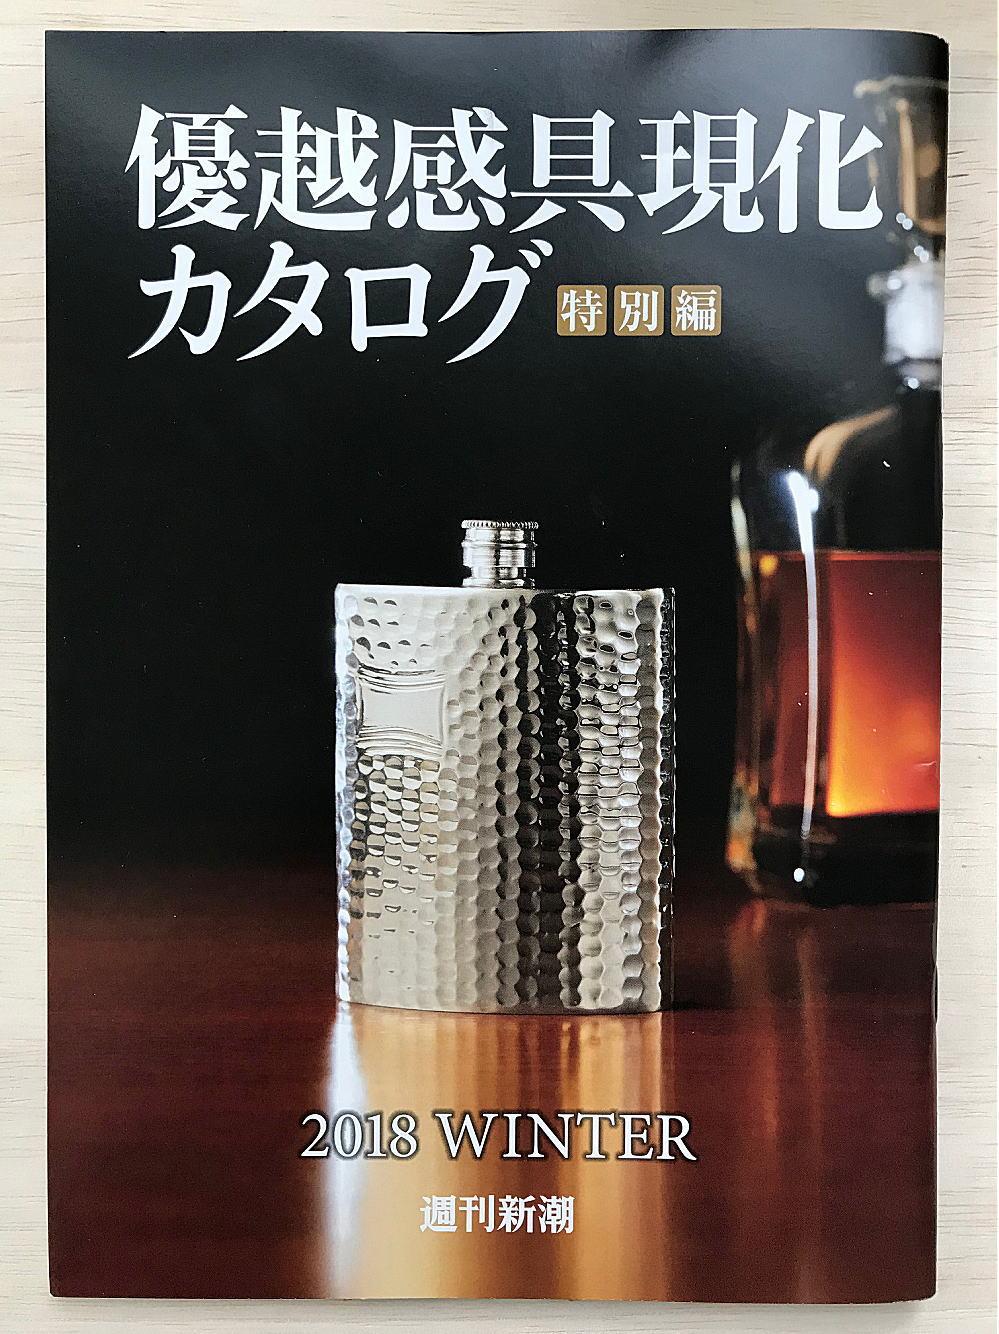 新潮社 優越感具現化カタログ - Nectarome ネクタローム